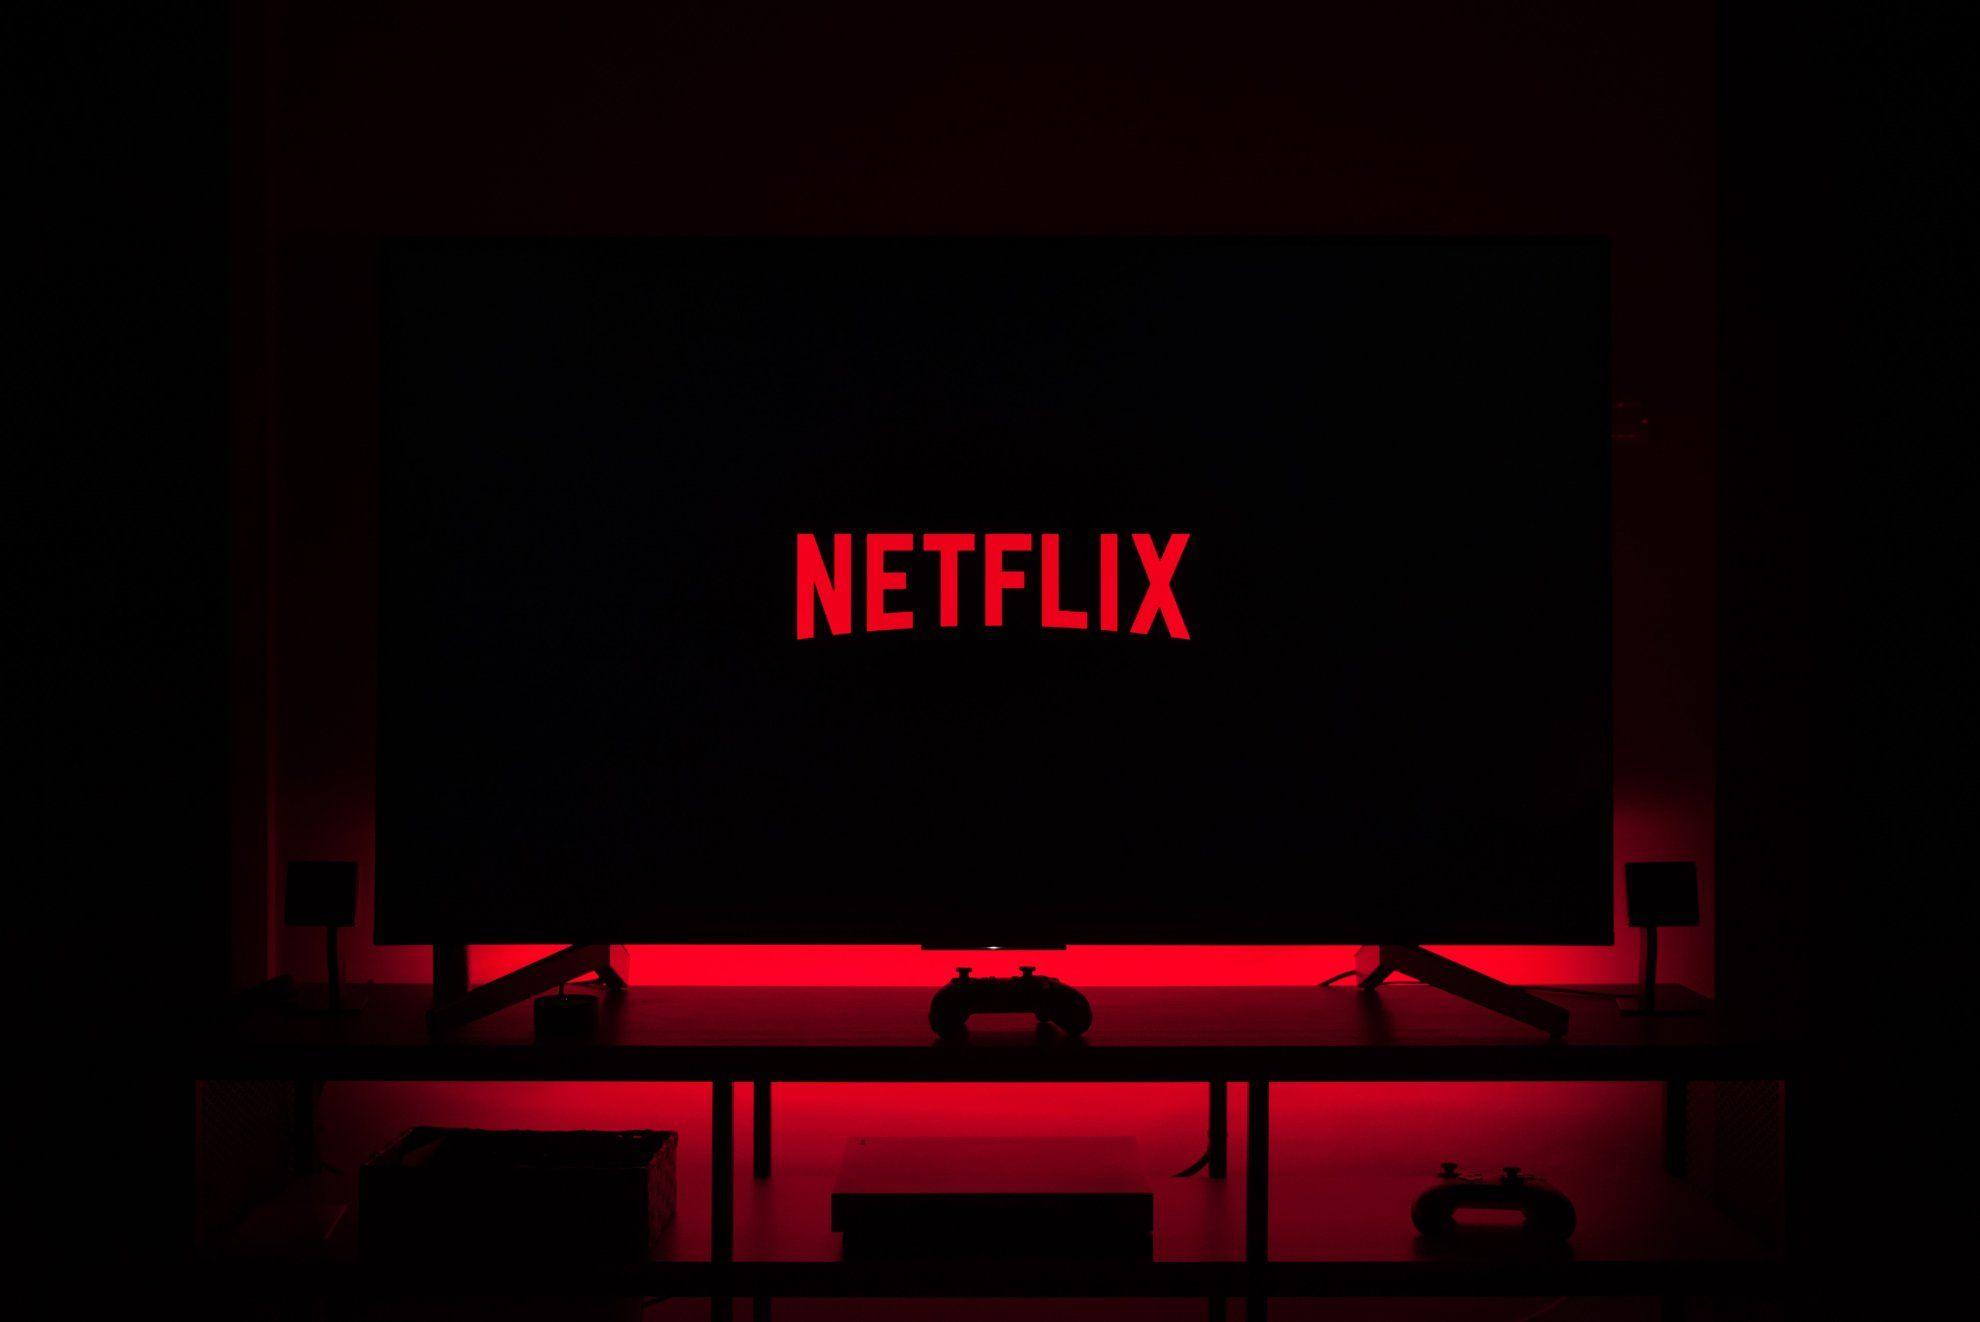 Tài khoản Netflix của bạn có thể được bán trên Darkweb. Bảo vệ ngay